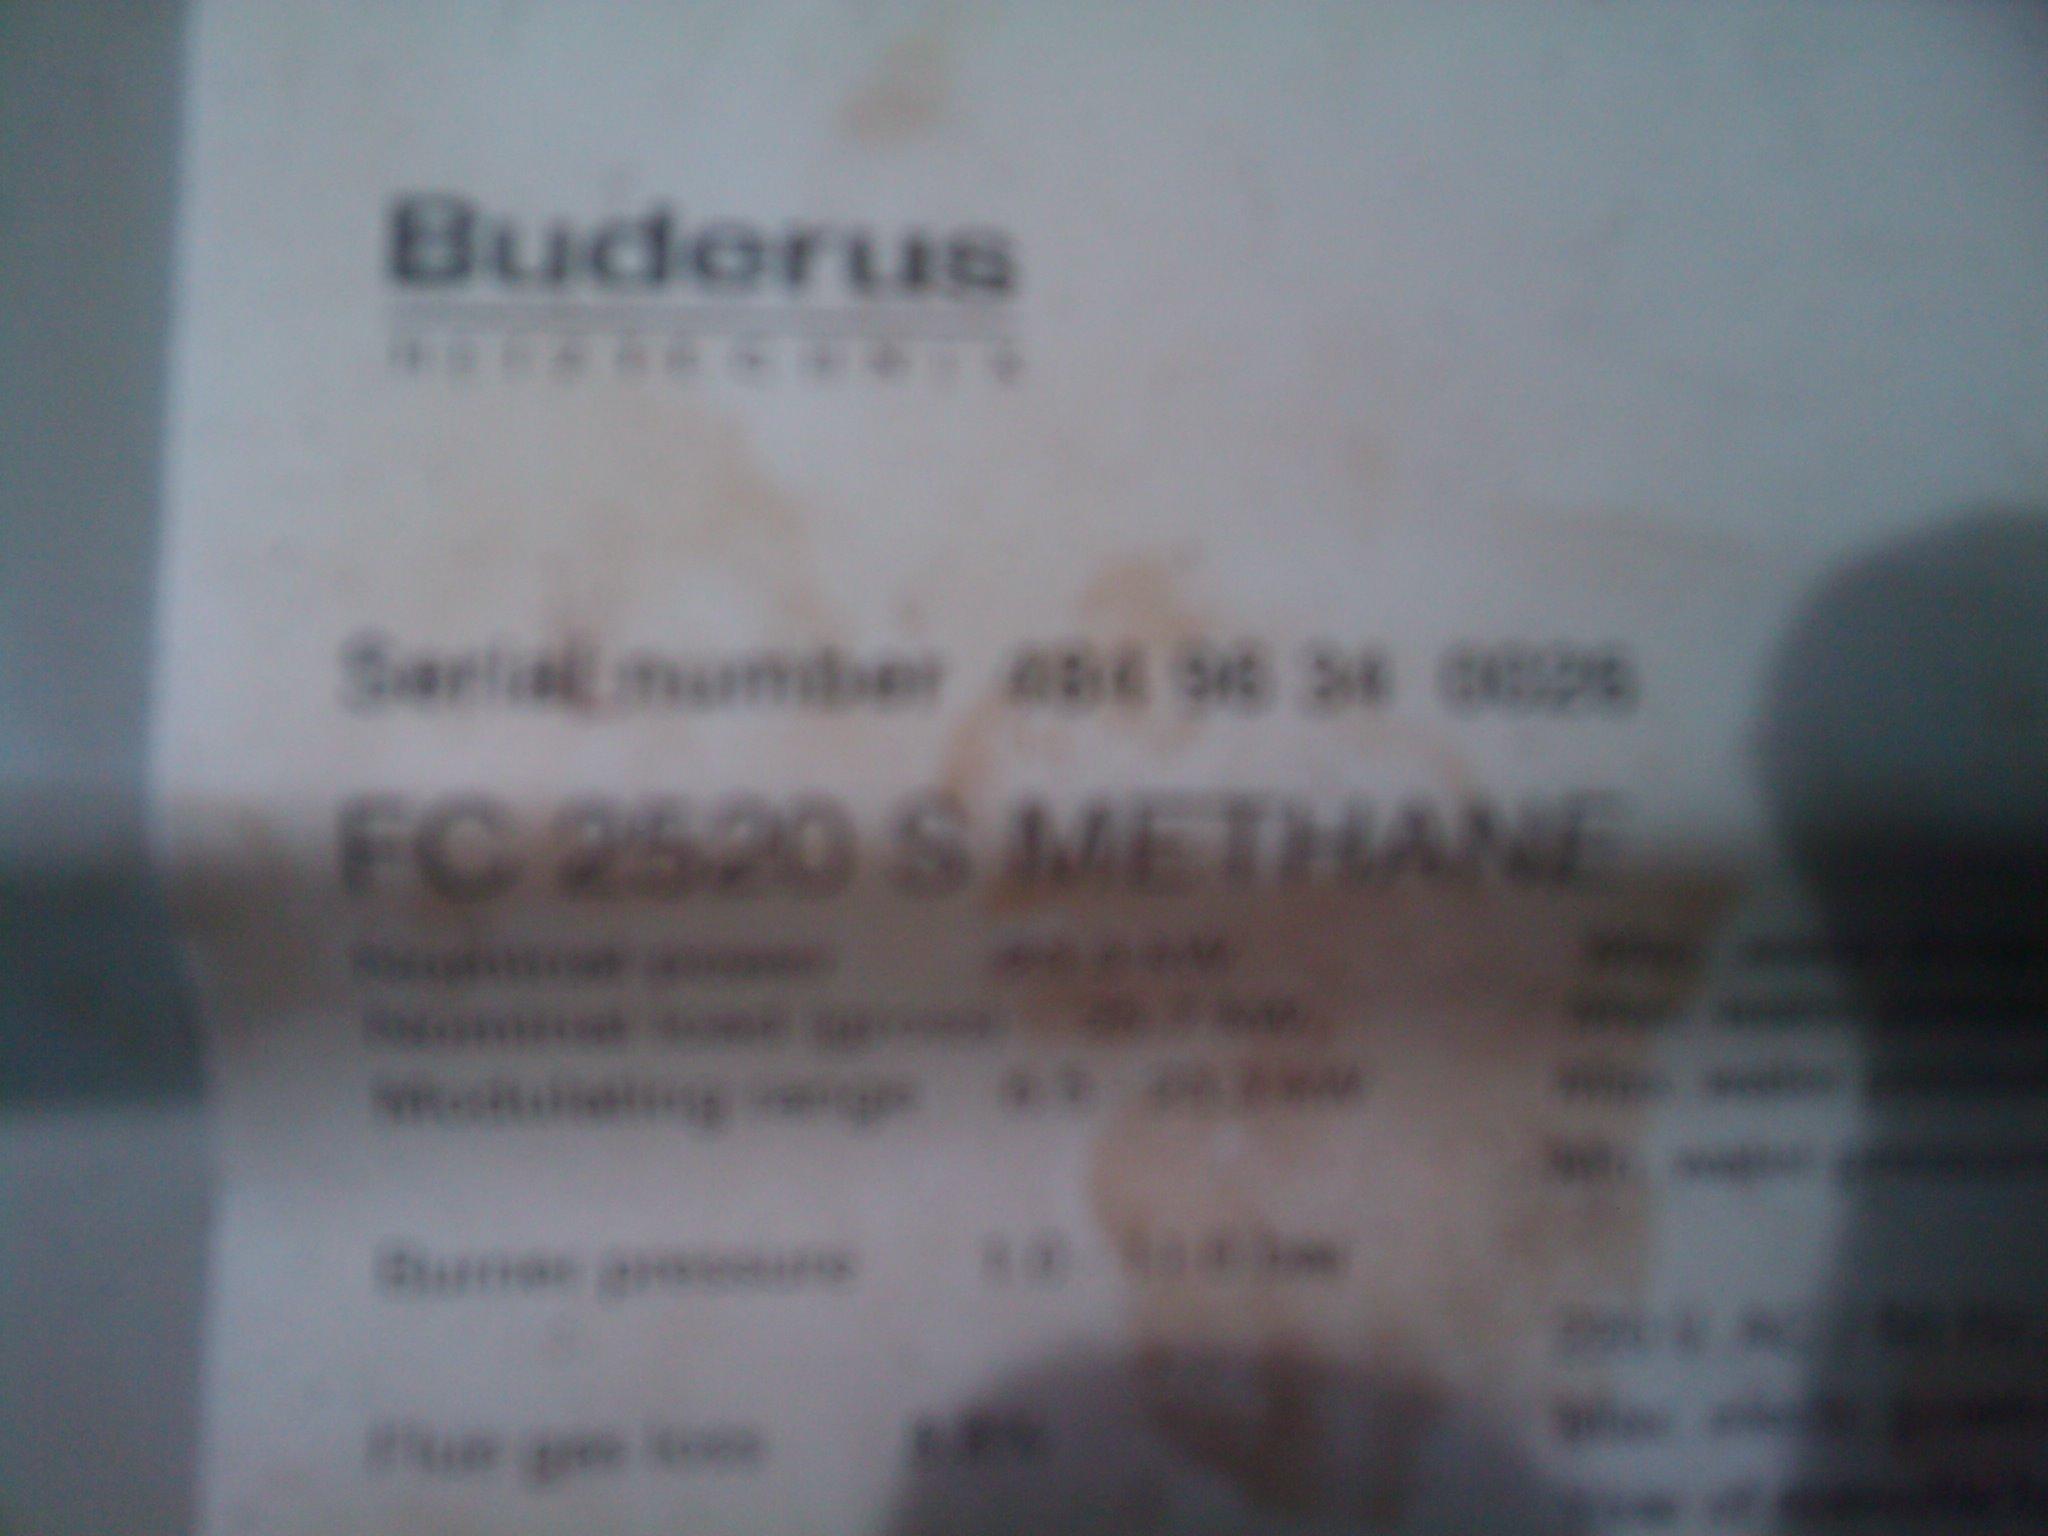 Pro�ba o zidentyfikowanie podzespo��w pieca firmy Buderus